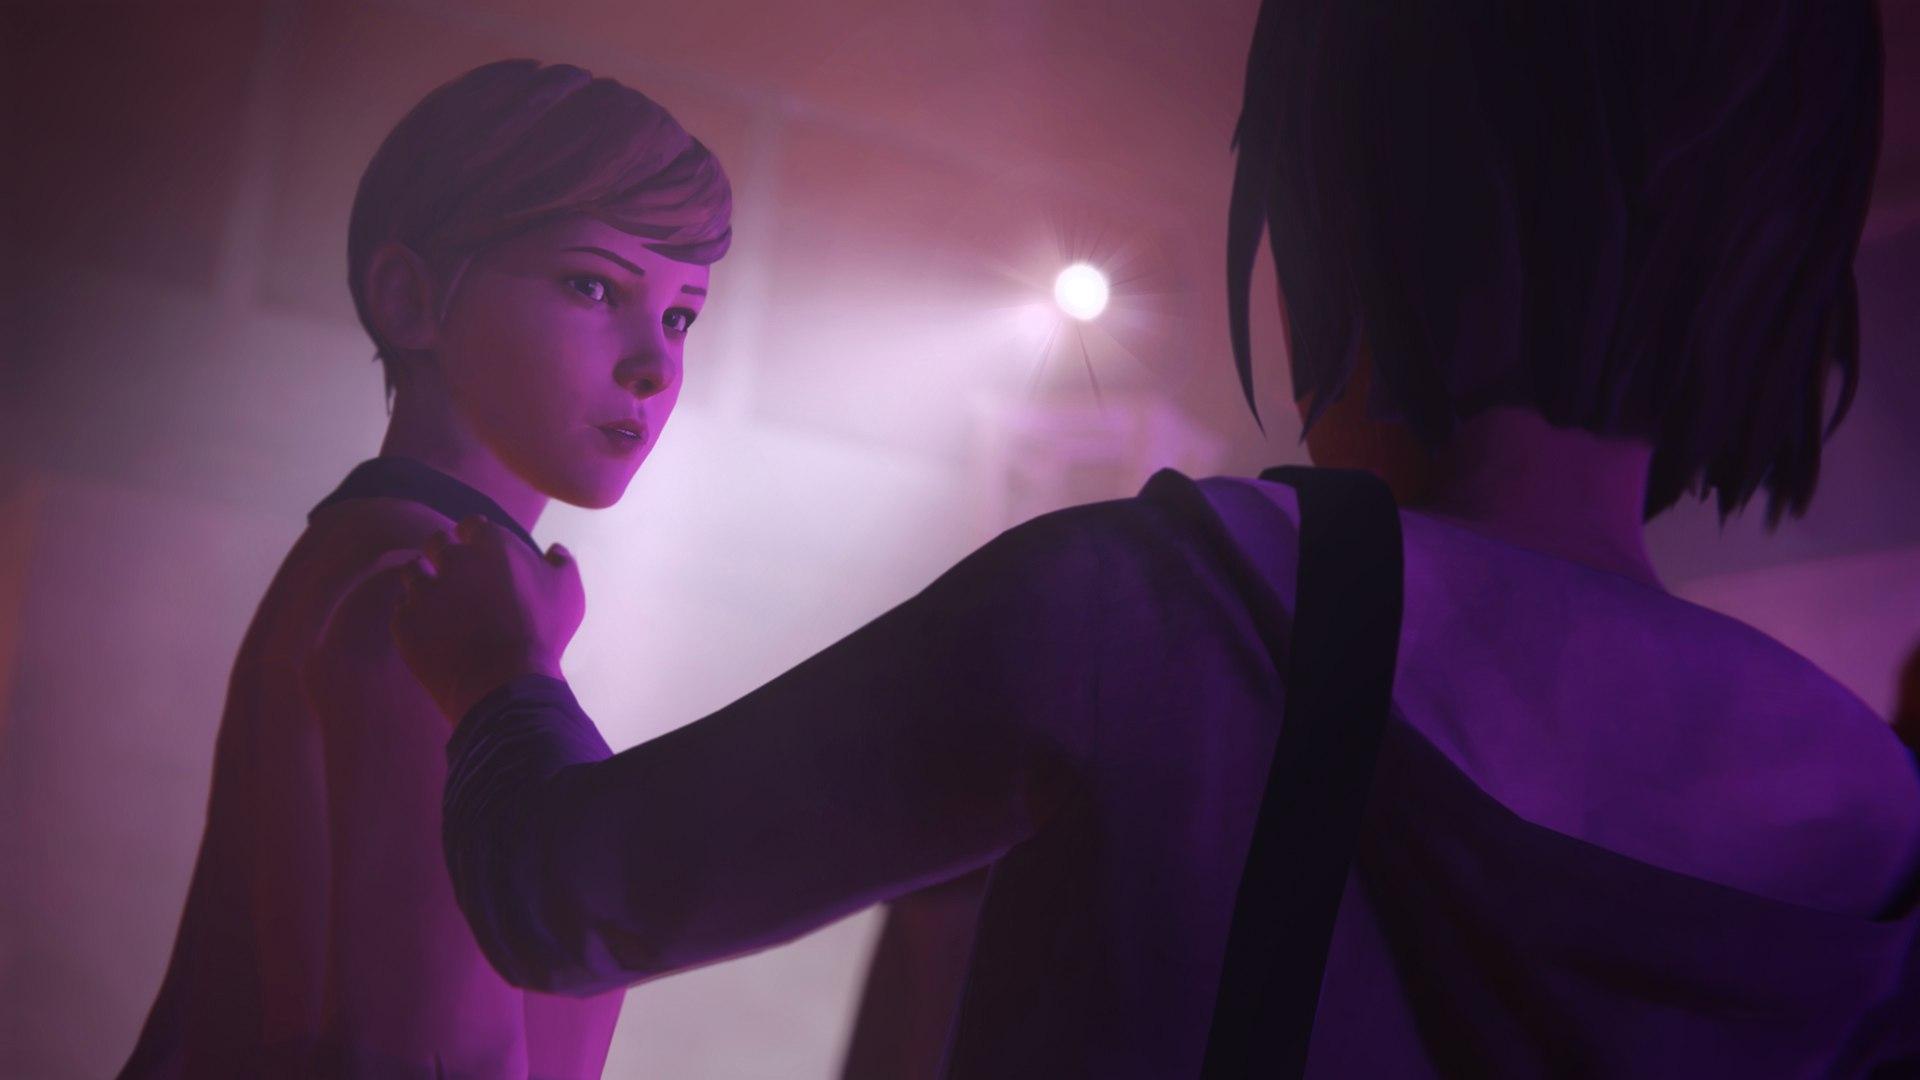 Официальный скриншот из четвёртого эпизода